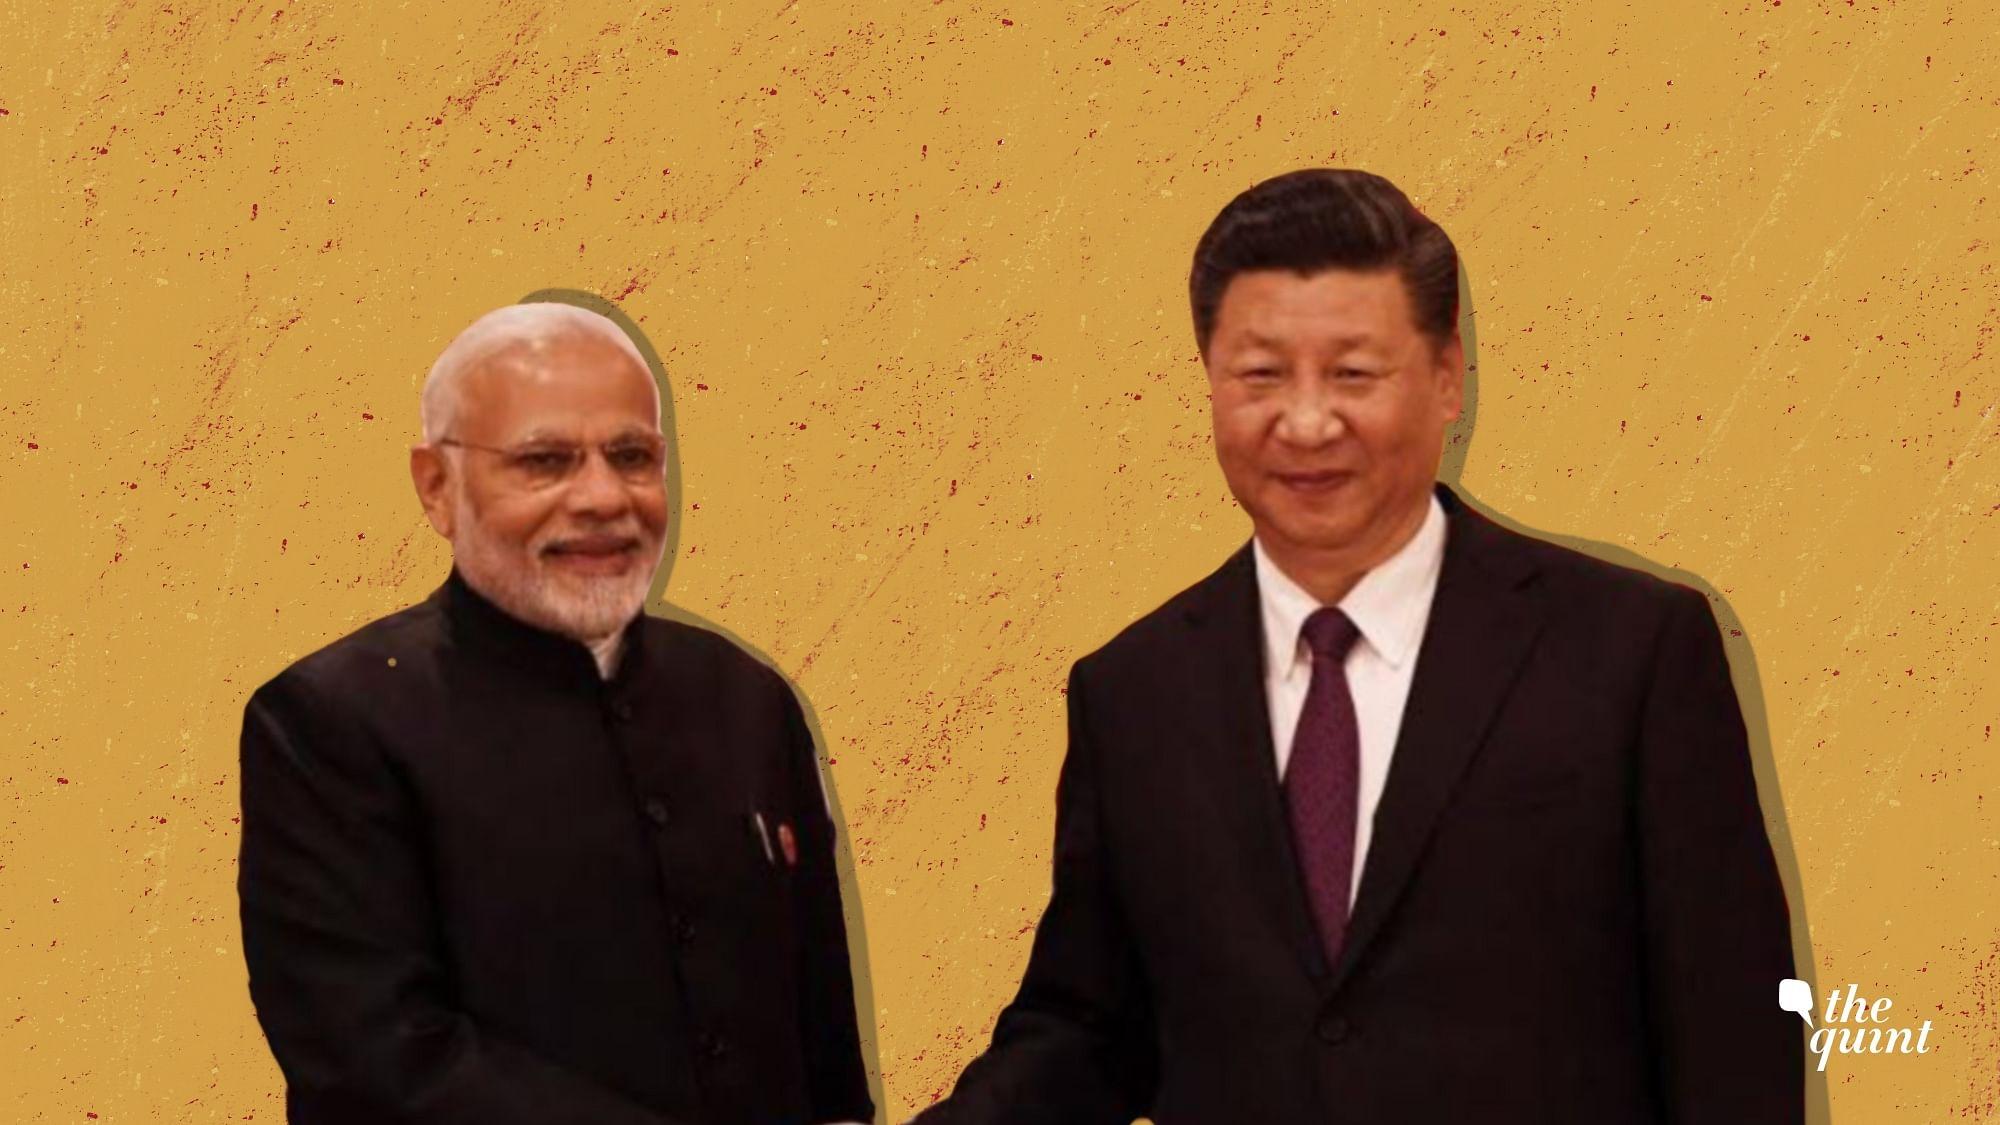 PM Narendra Modi and Chinese President Xi Jinping.